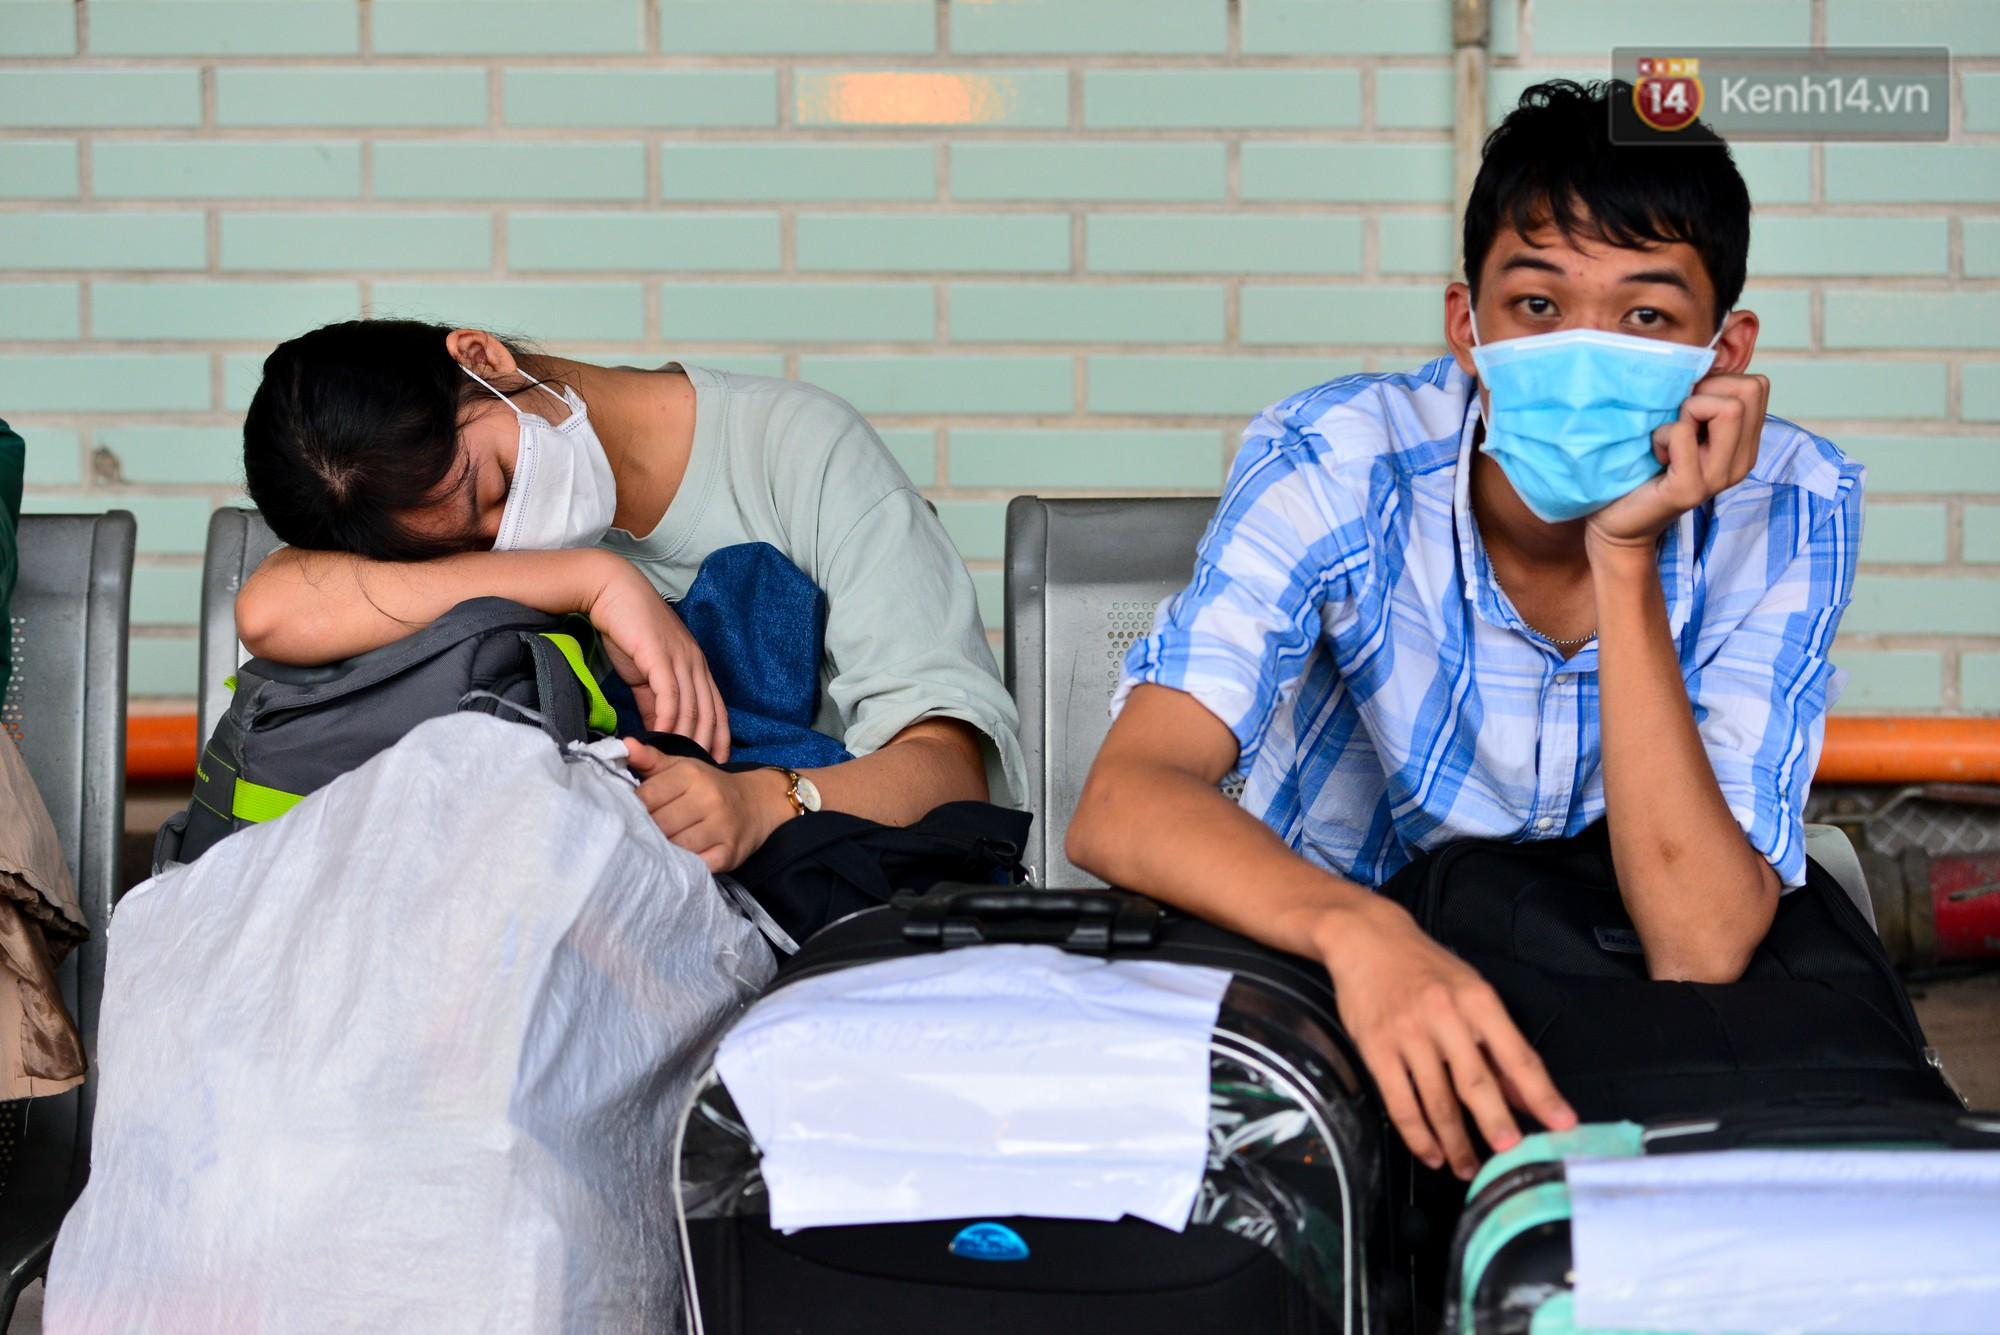 Chùm ảnh: Những giấc ngủ gà gật của người dân chờ xe về quê nghỉ Tết khiến nhiều người nhìn thôi cũng thấy mệt - Ảnh 12.